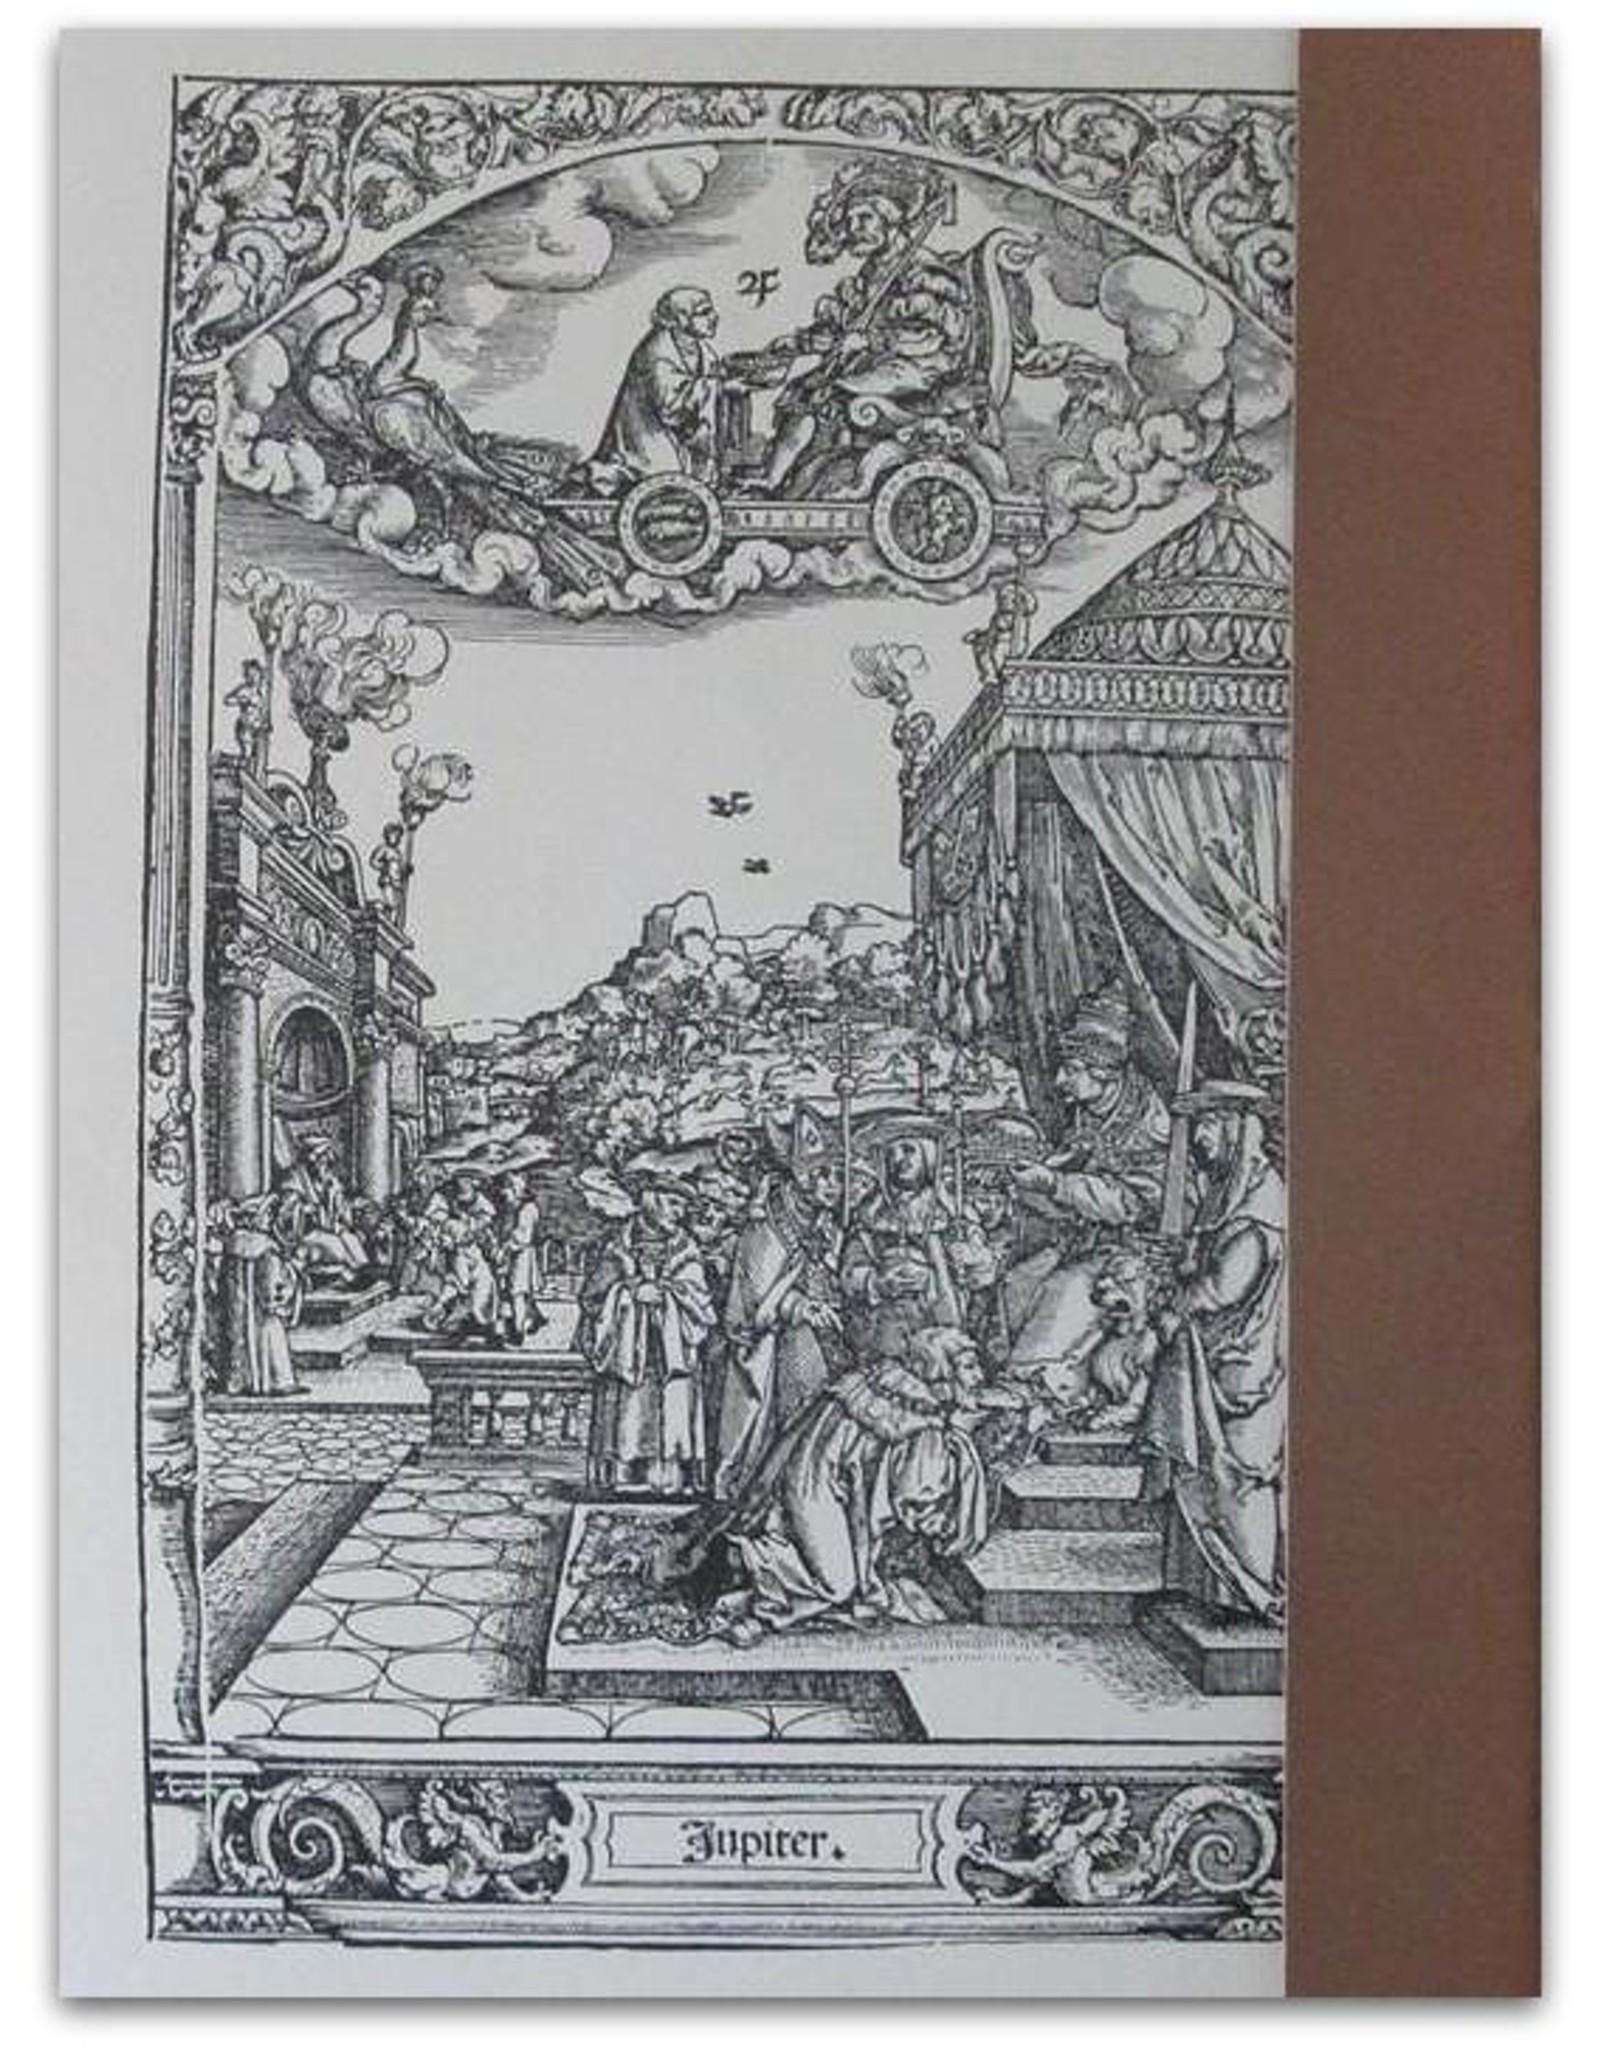 [Hans Sebald Beham] - Saturnus [Set met 7 reproducties van houtsneden]